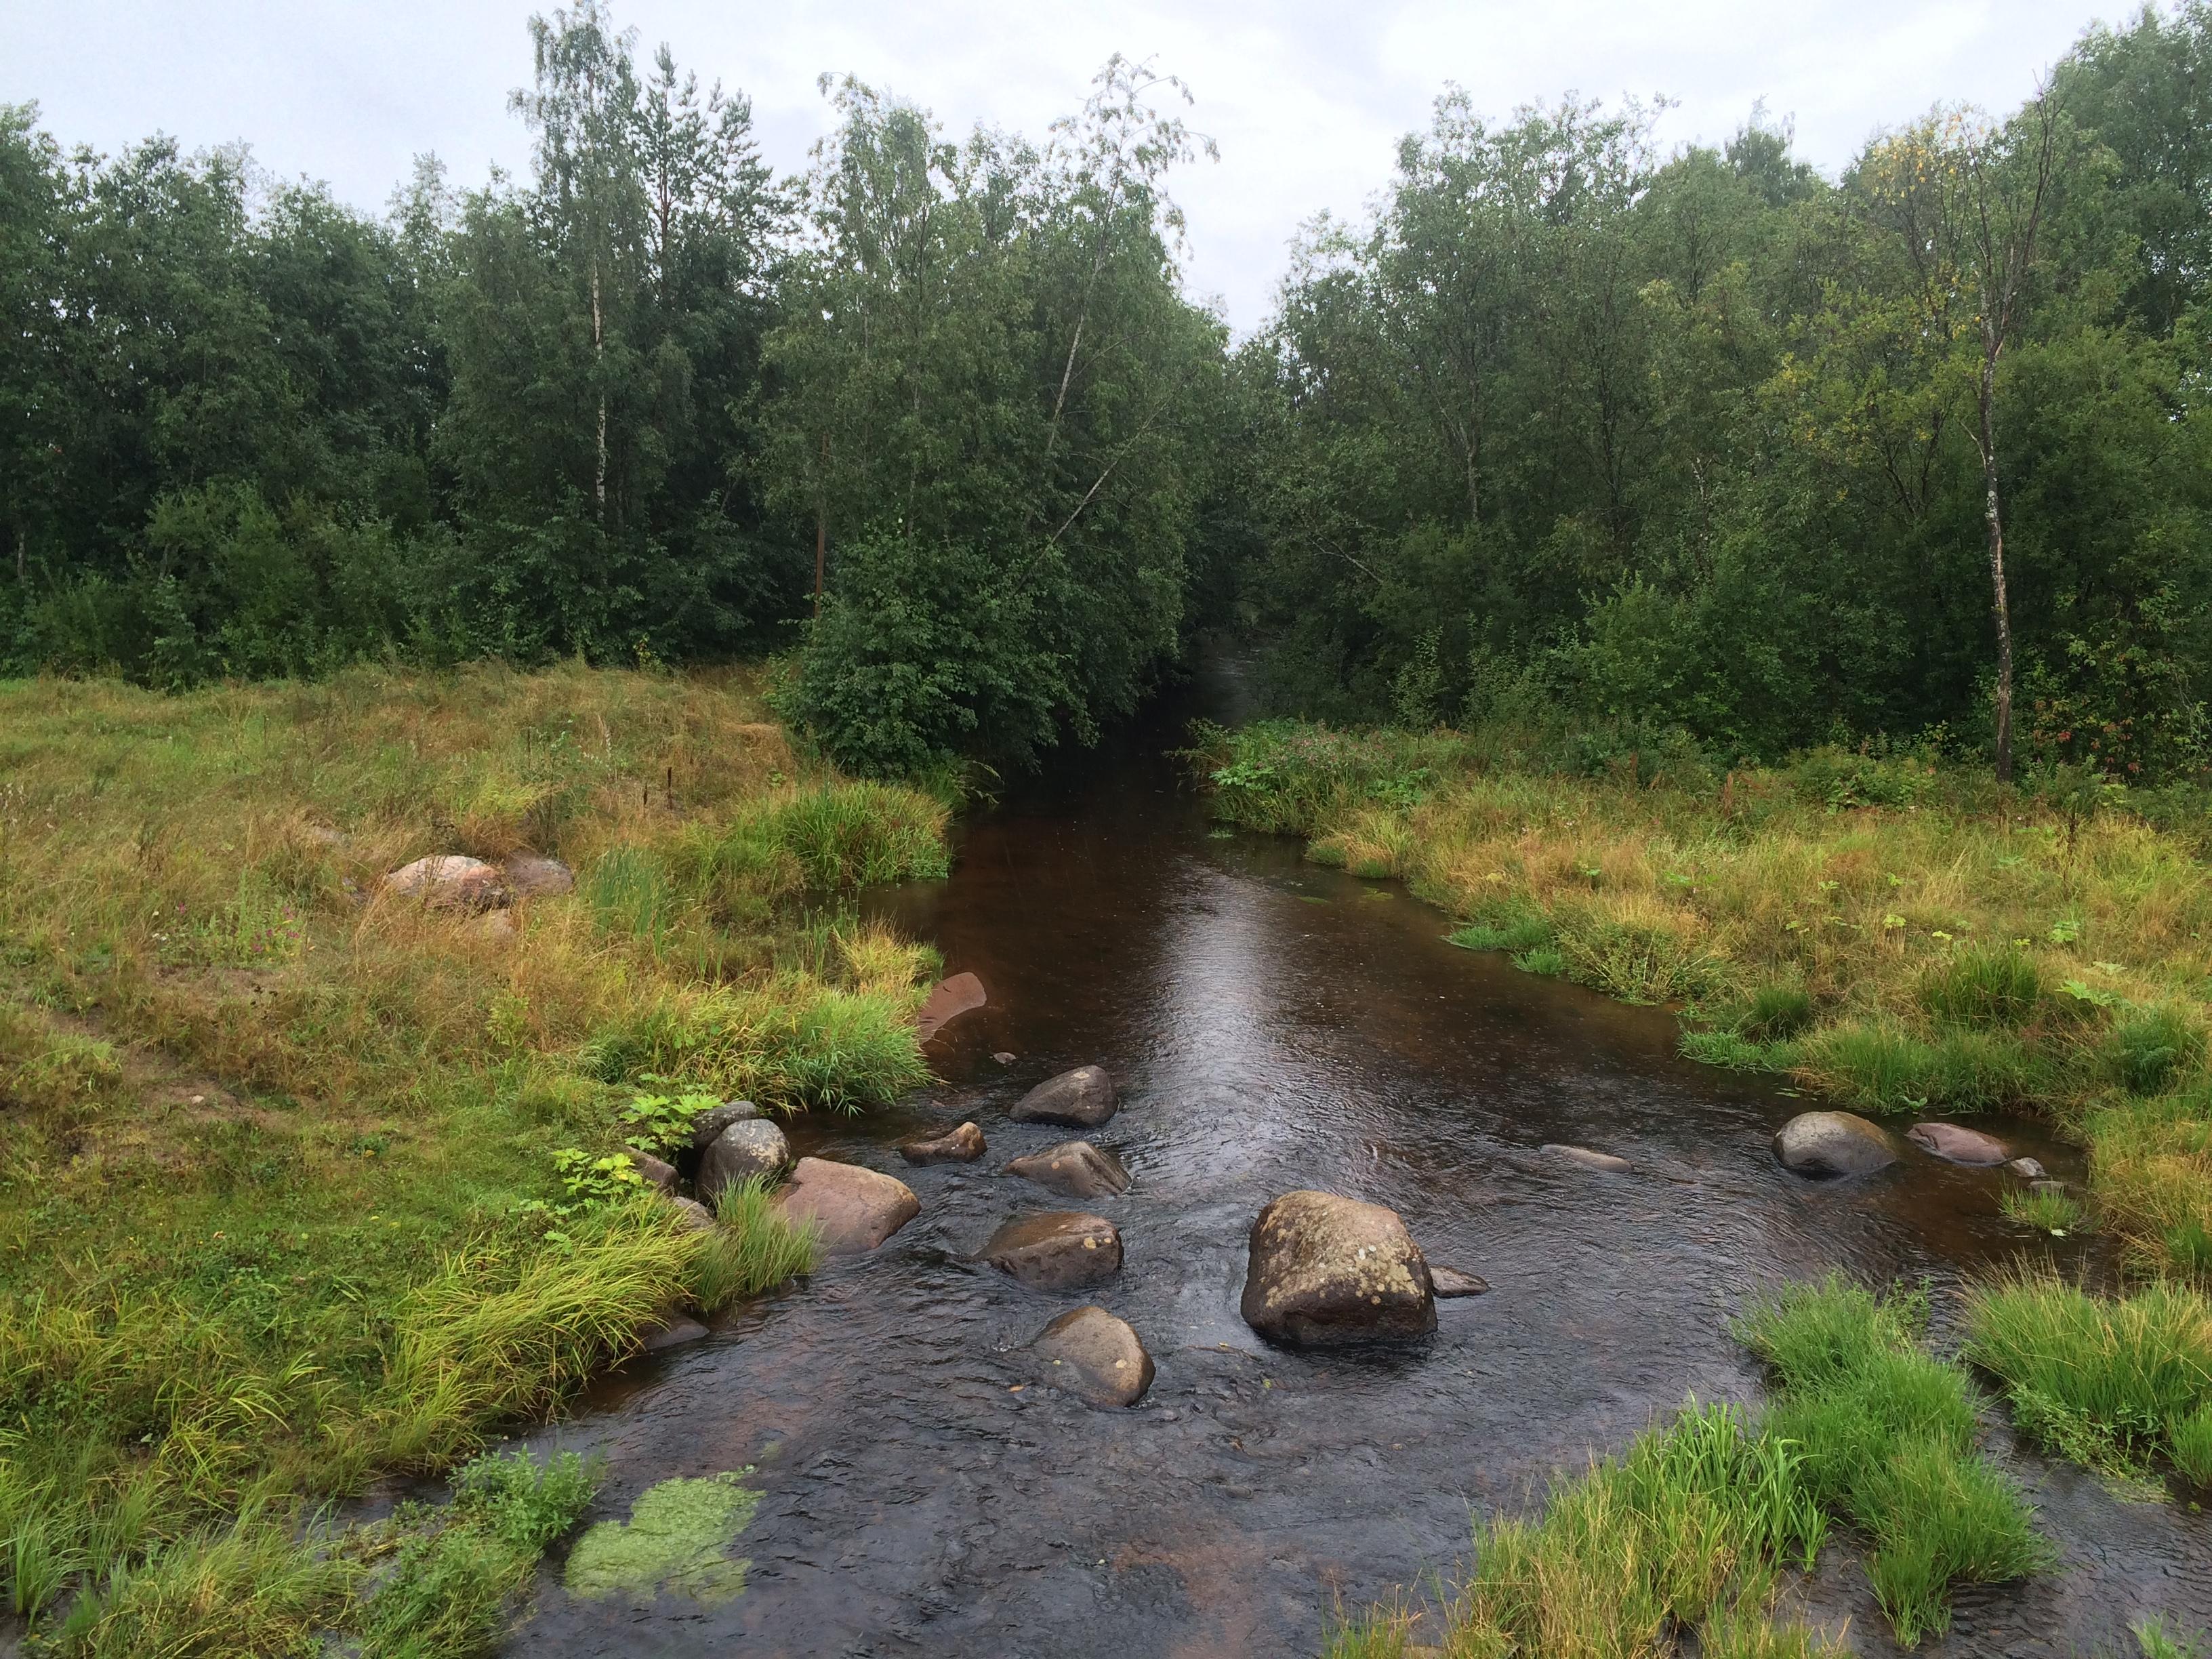 фото реки черной карелия образа японской леди